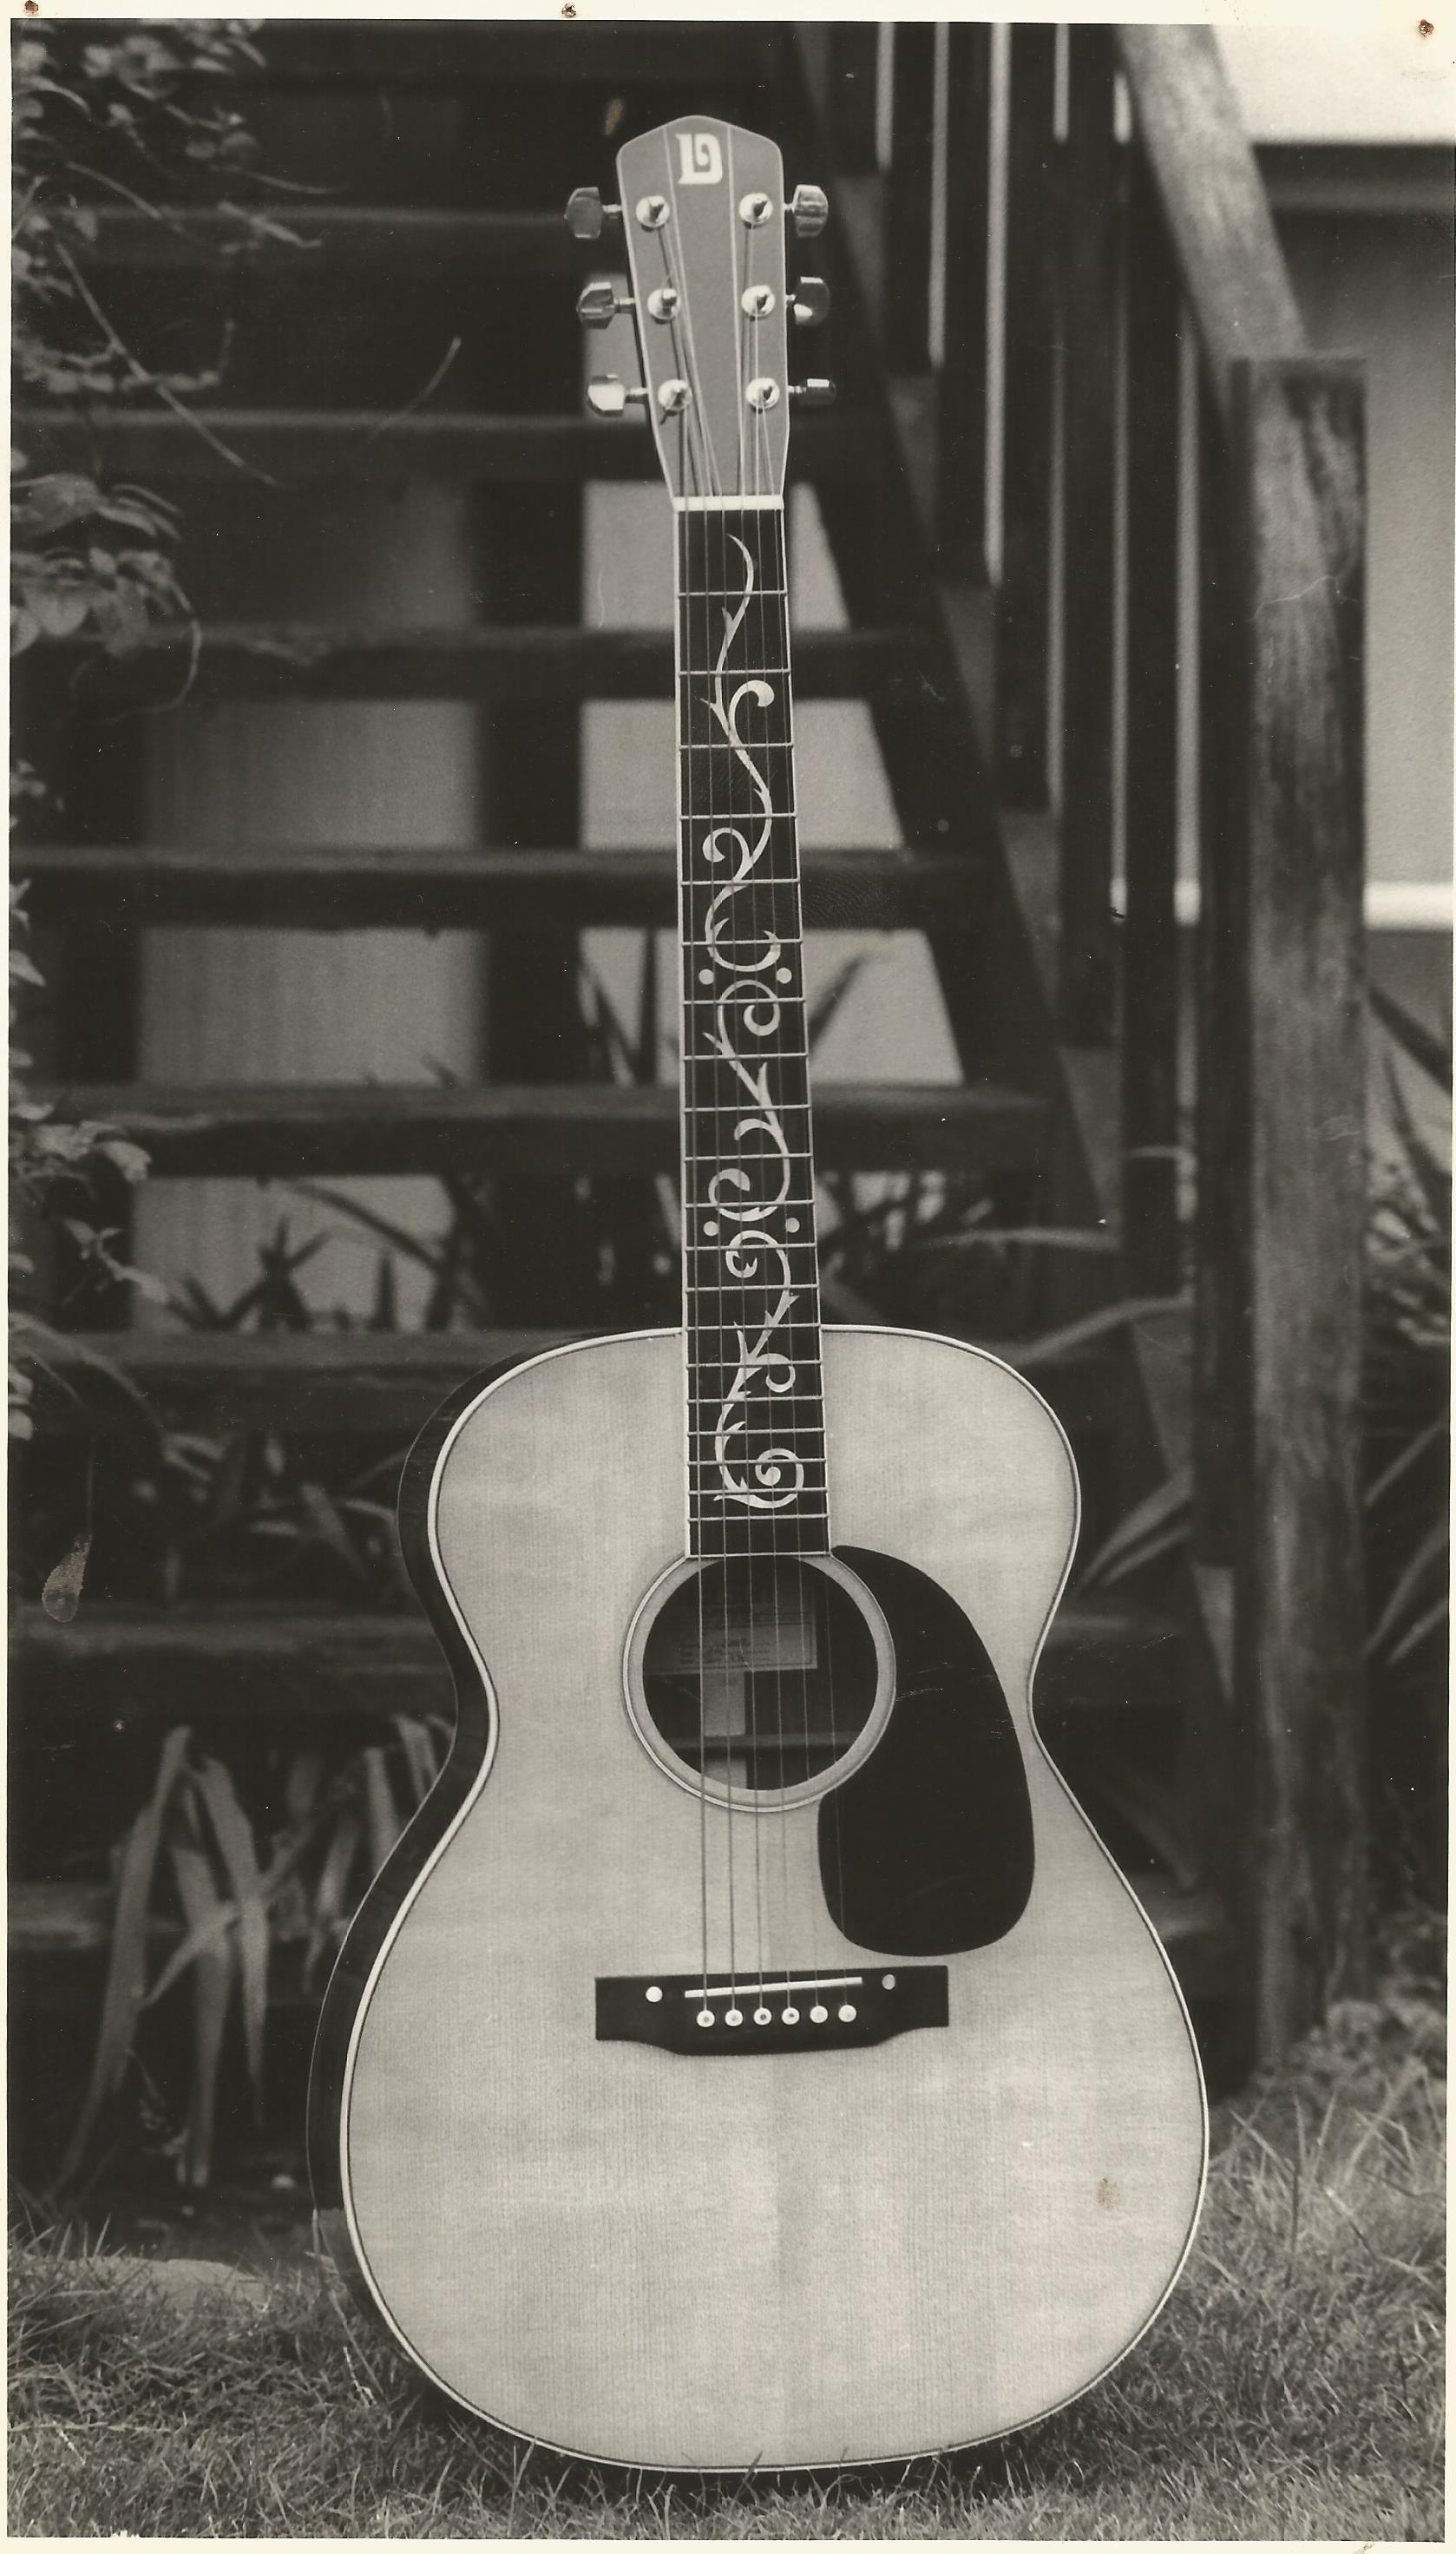 Danvel steel string acoustic